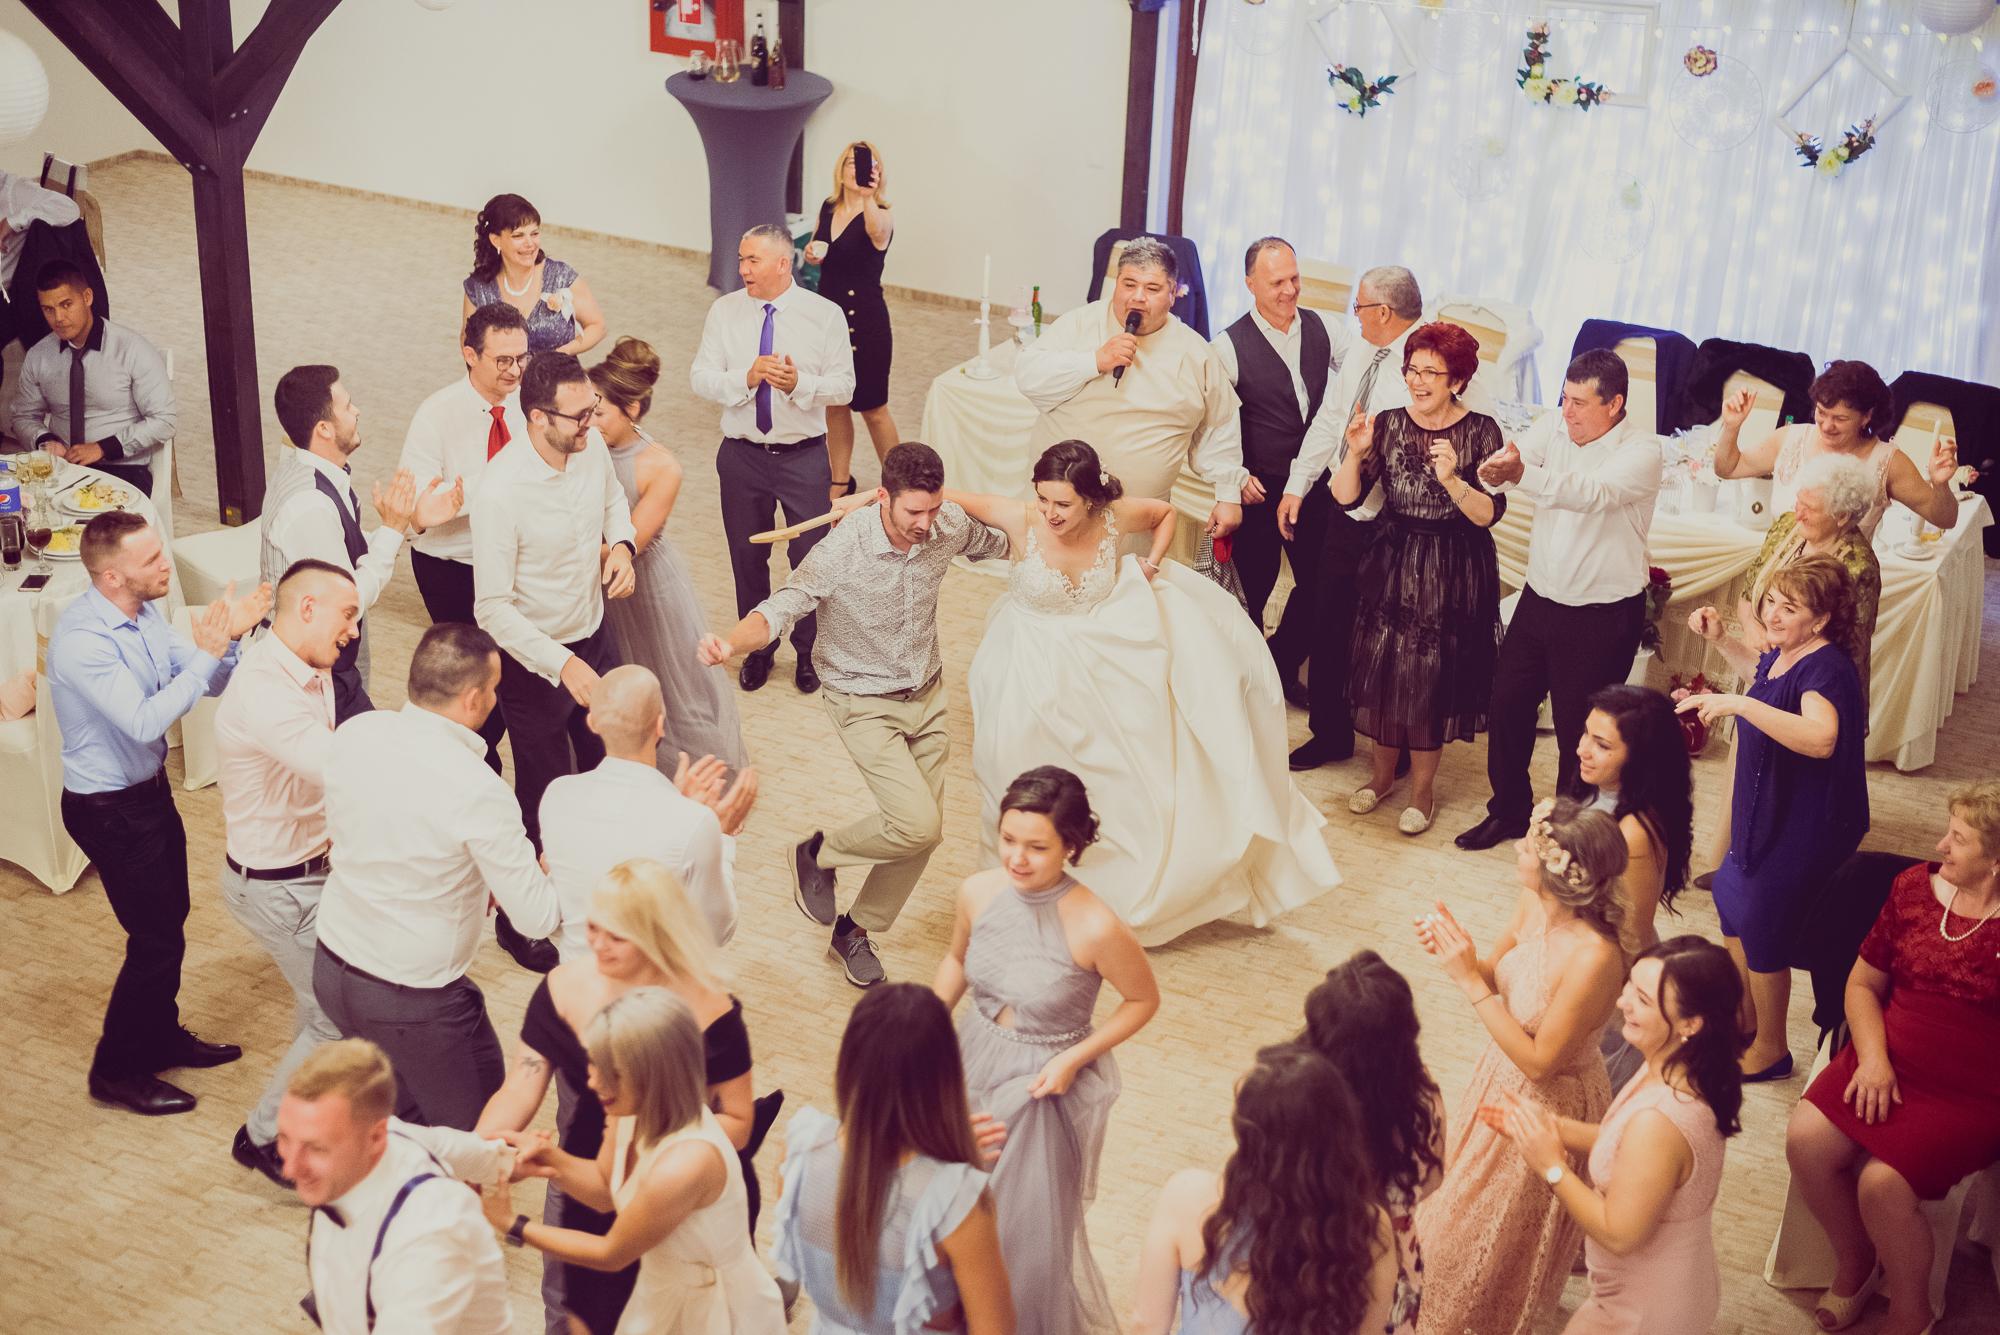 fotografie de nunta, distractie, mireasa danseaza,